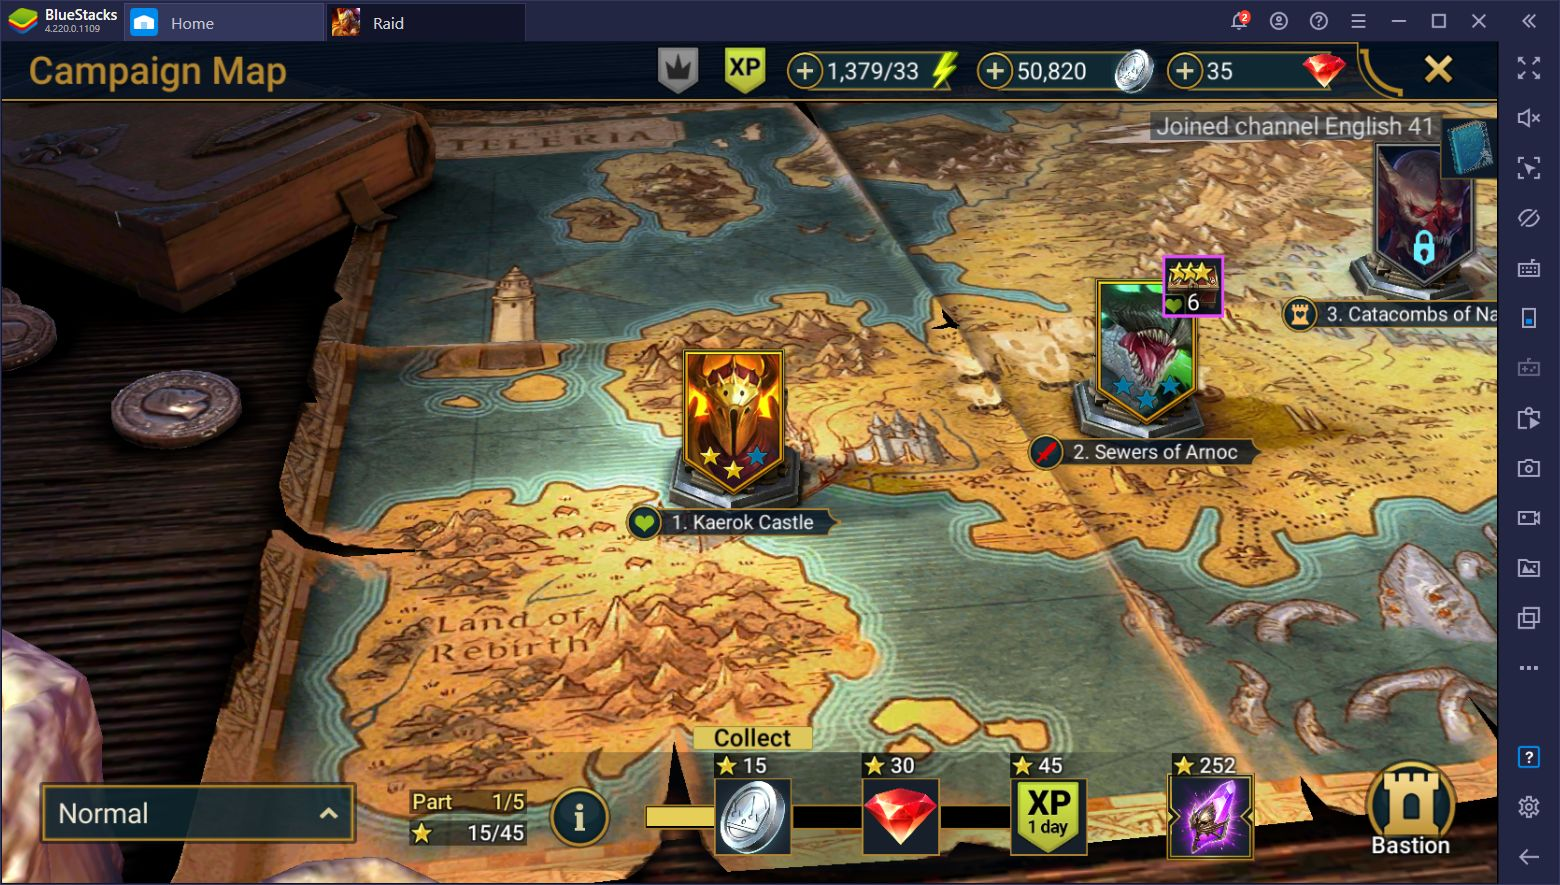 RAID: Tips Pemula Shadow Legends dan Panduan Perkembangan